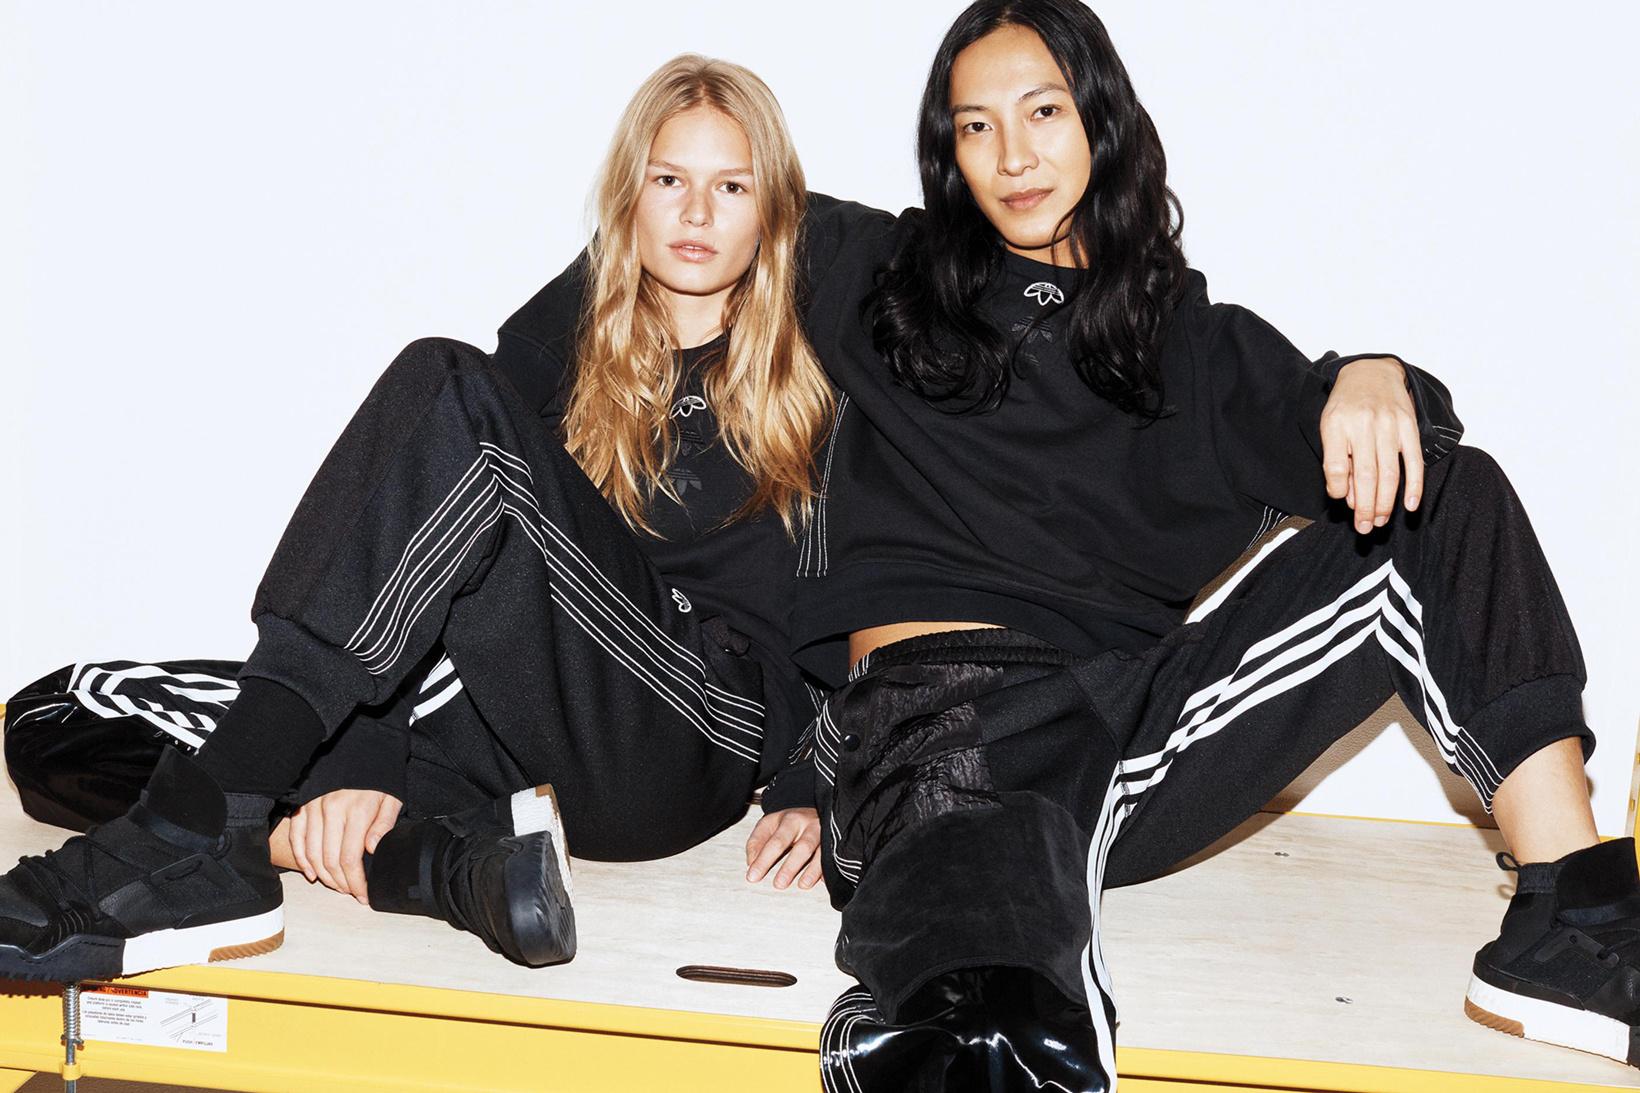 adidas Originals x Alexander Wang lăng xê mốt nhặt lá đá ống bơ, tay cầm túi rác ra đường - Ảnh 1.